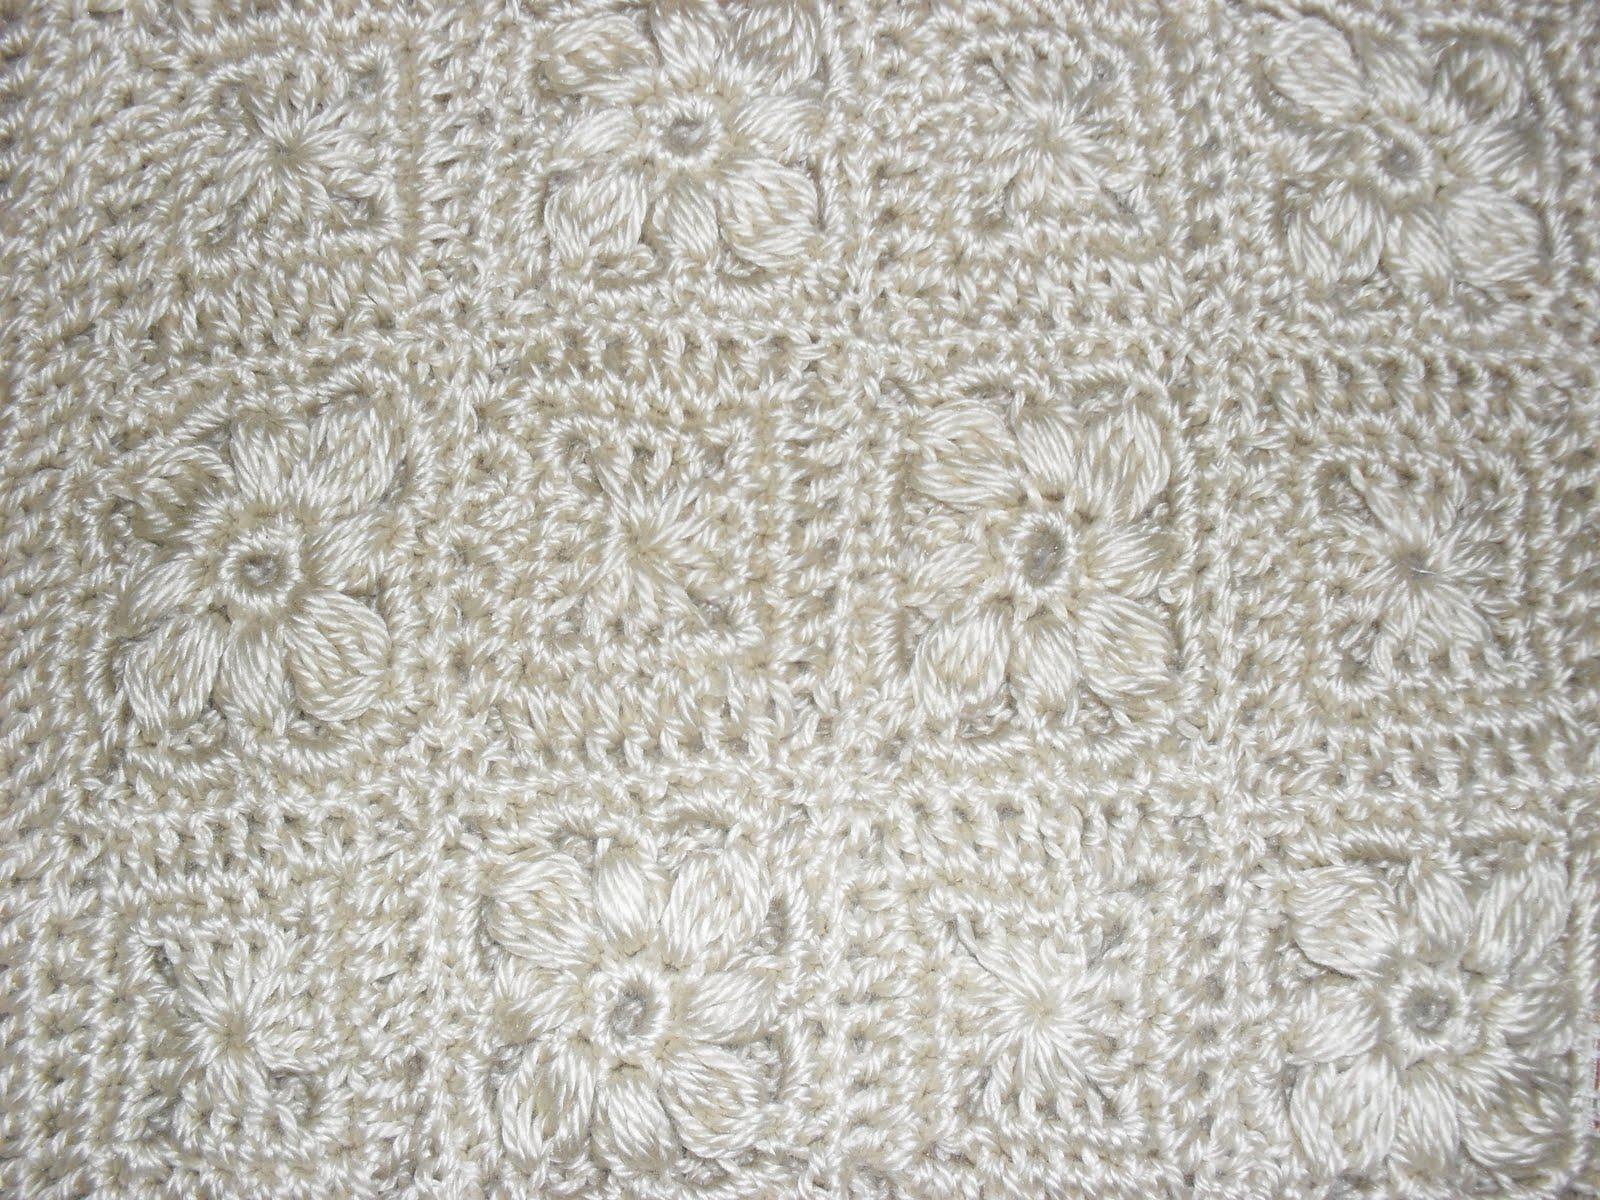 Tricot o crochet sweater con cuadraditos y flores champagne - Cuadraditos de crochet ...